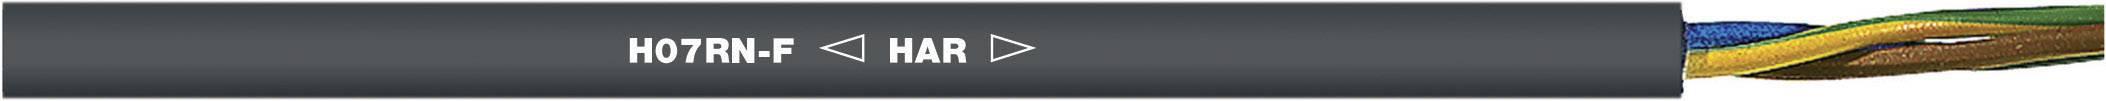 Připojovací kabel H07RN-F 3 x 1 mm² černá LappKabel 1600117 metrové zboží